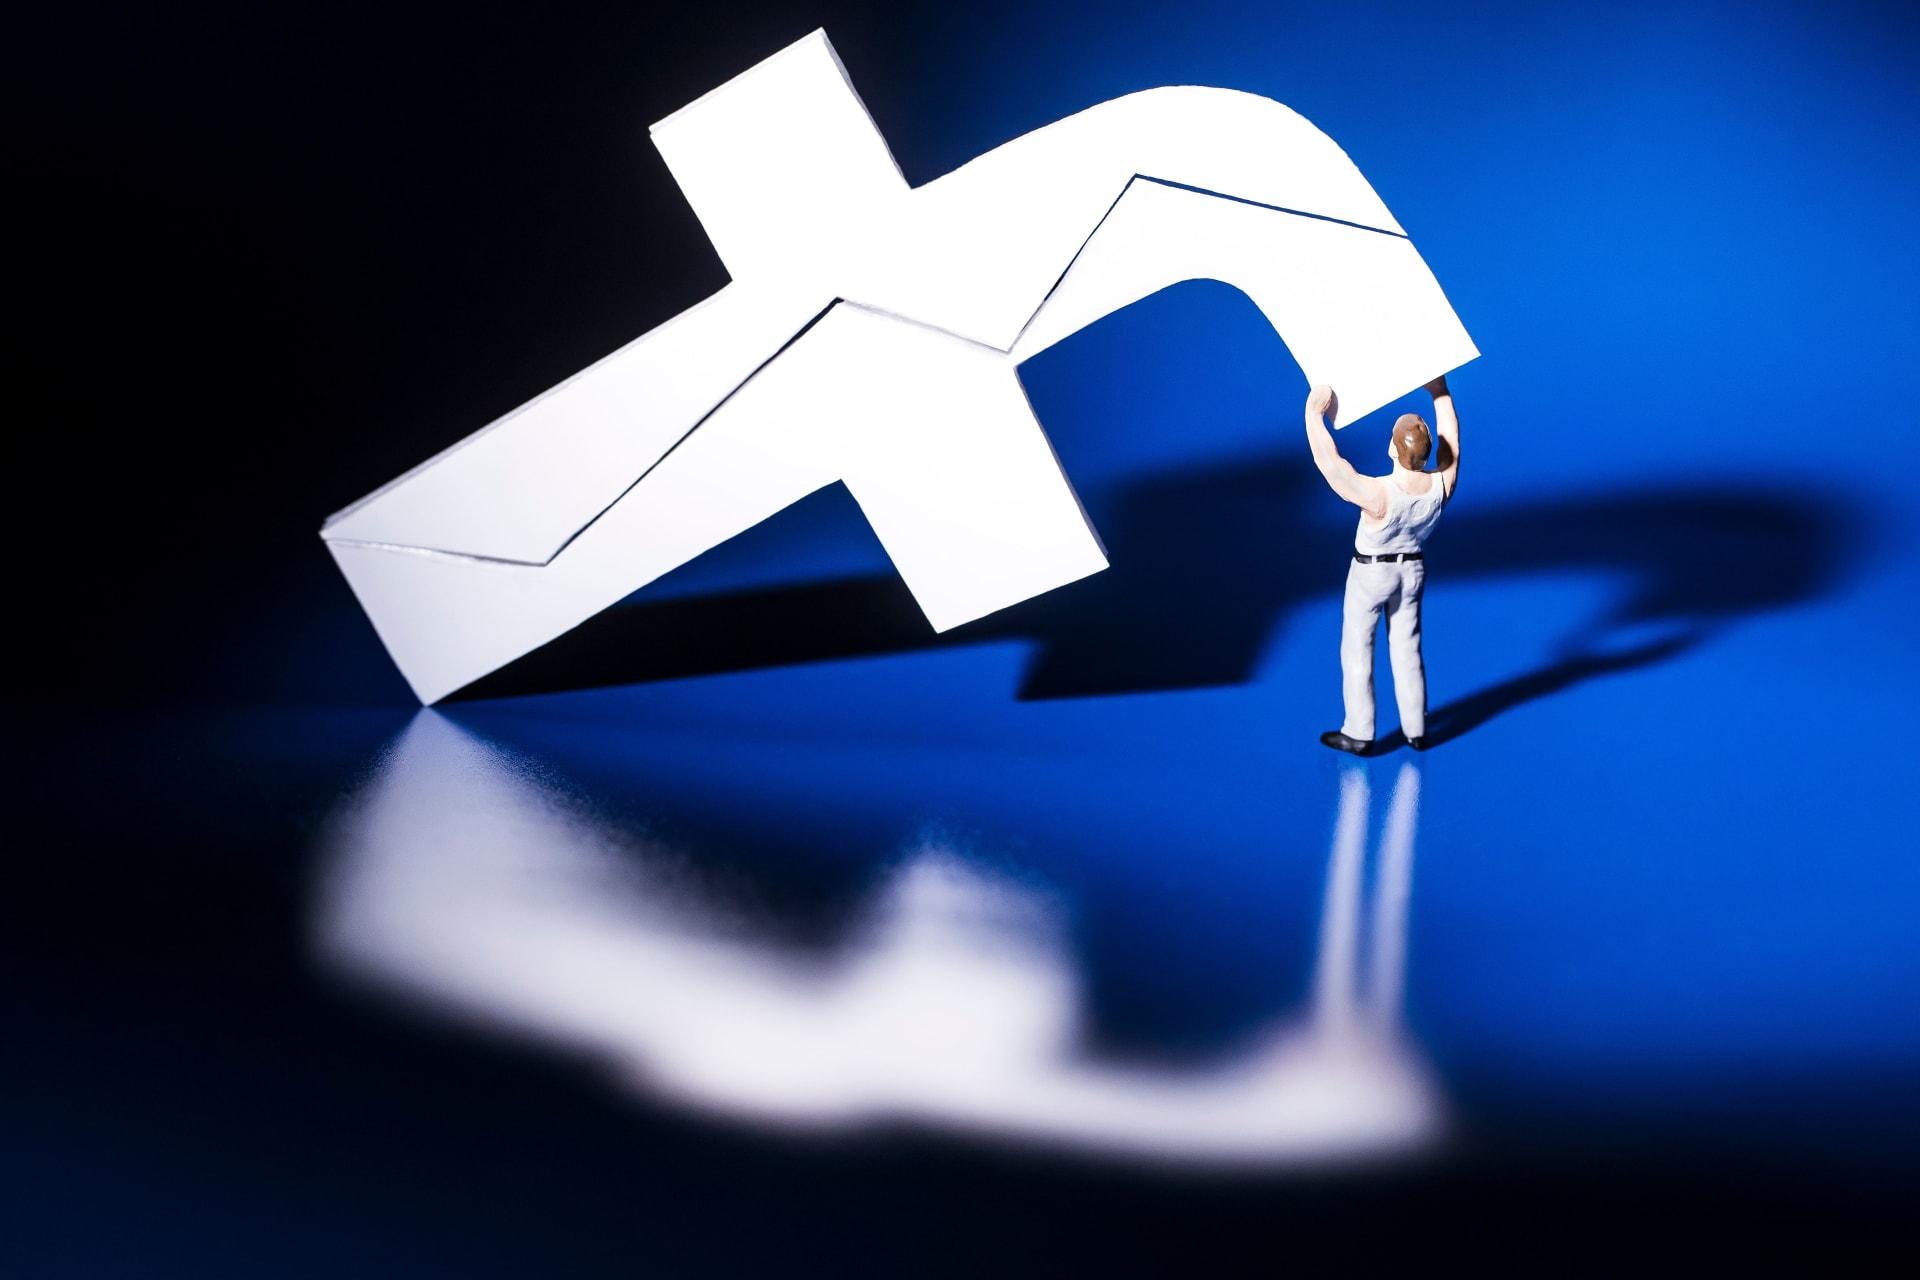 """المشكلة ليست من حسابك.. عطل في عملية النشر على """"فيسبوك"""" و""""إنستغرام"""""""